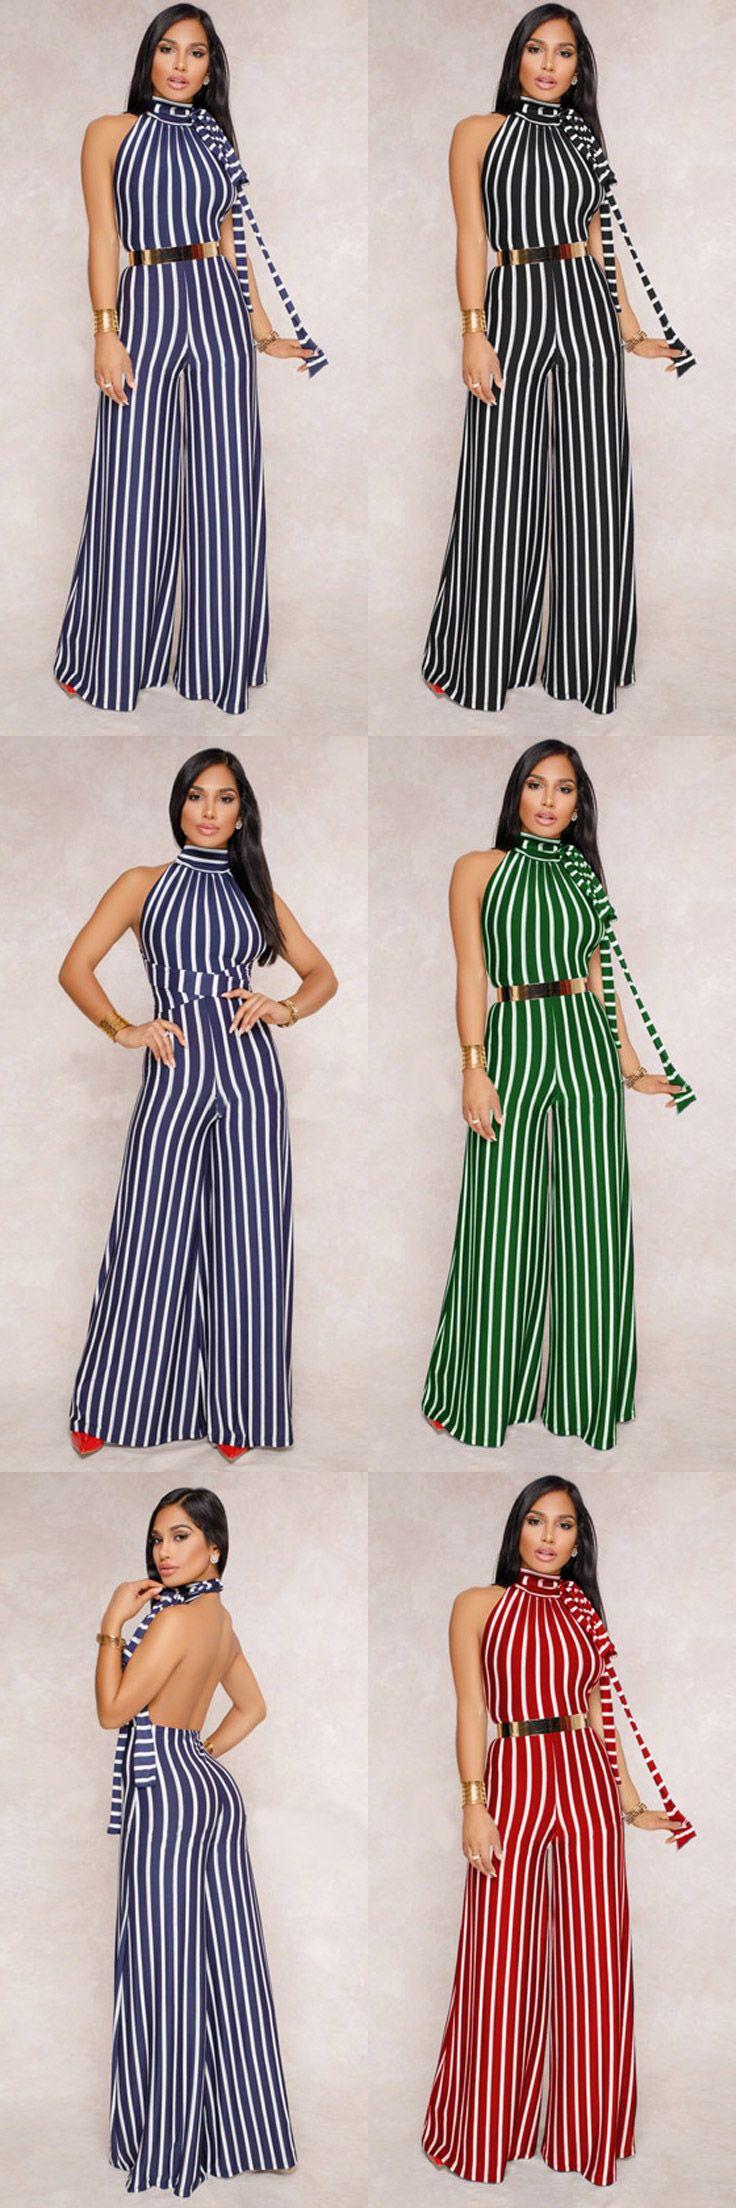 fc80be849 Compre Macacão Longo Pantalona Listrado Festa Costas de Amarrar - Preto   Vermelho  Azul Escuro  Verde